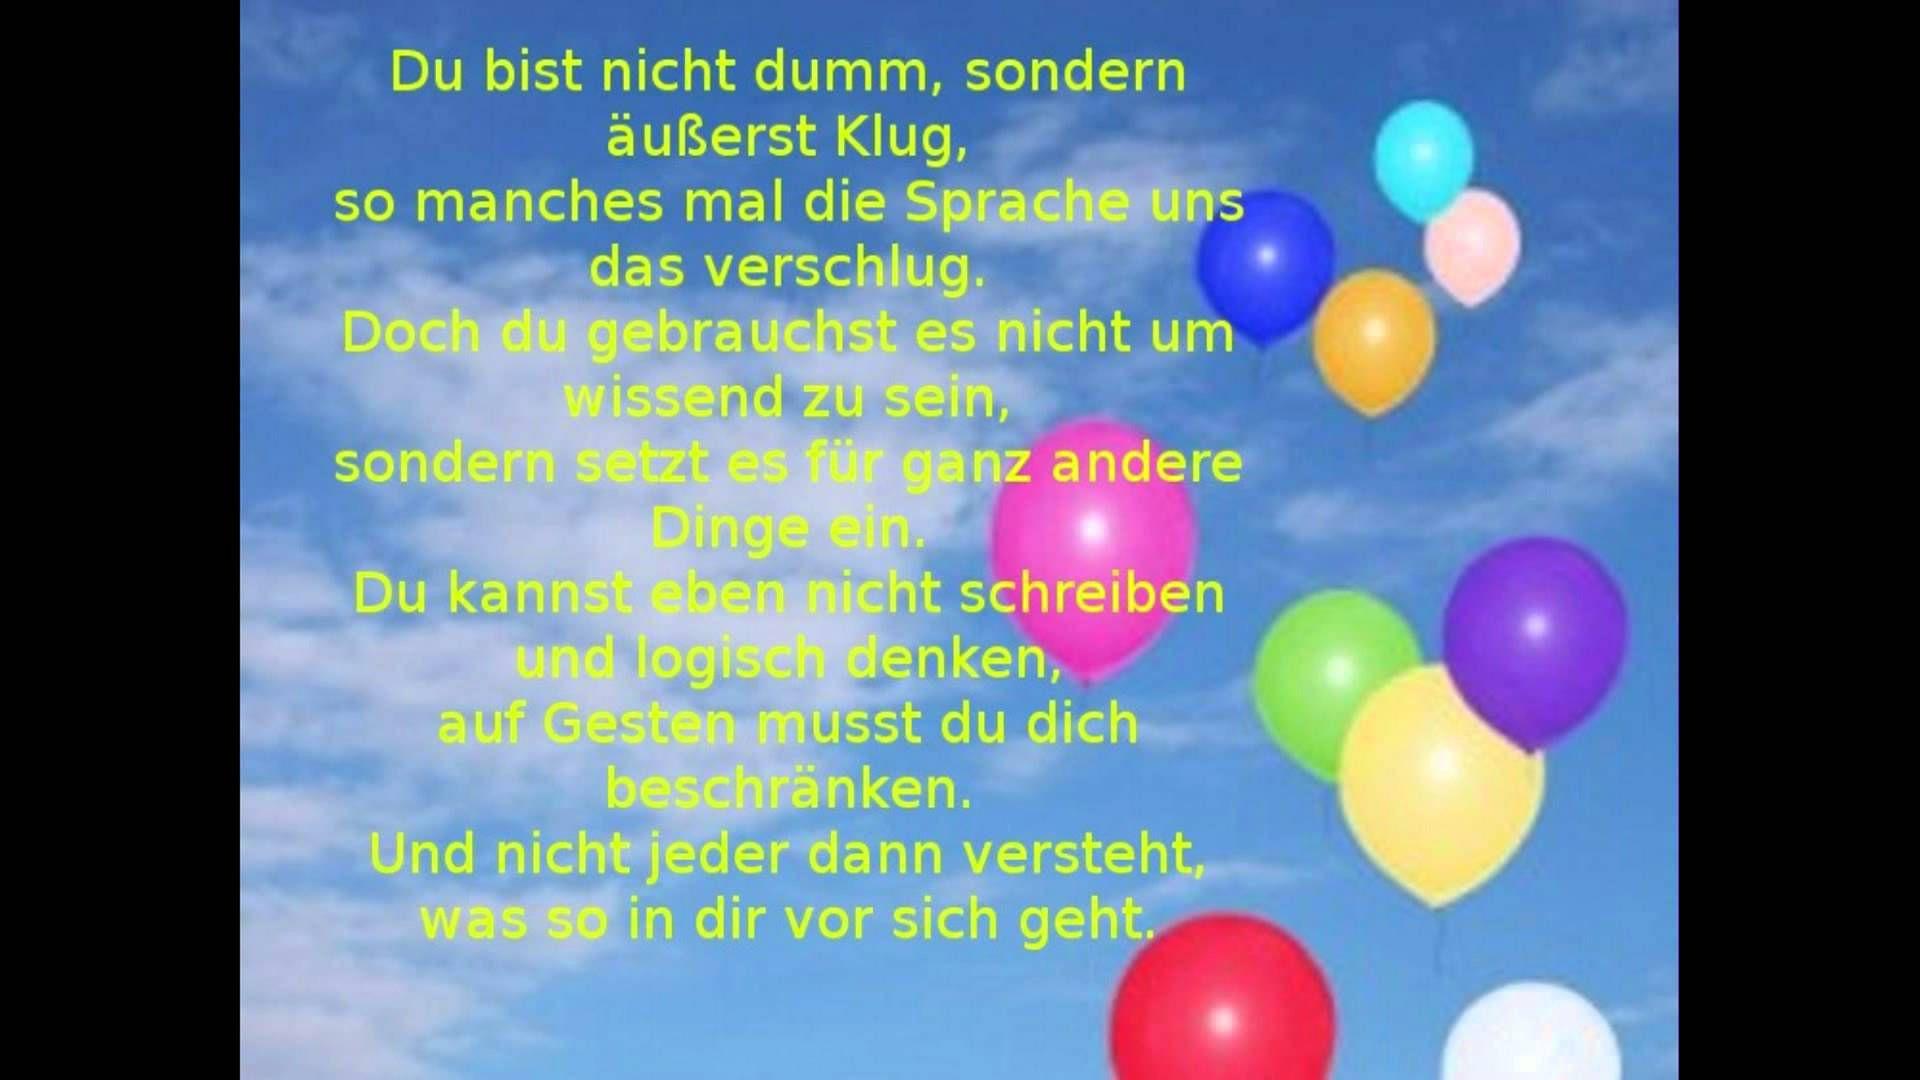 Geburtstagswünsche Zum 3. Geburtstag  Alles Gute Zum Geburtstag Sprüche Lustig